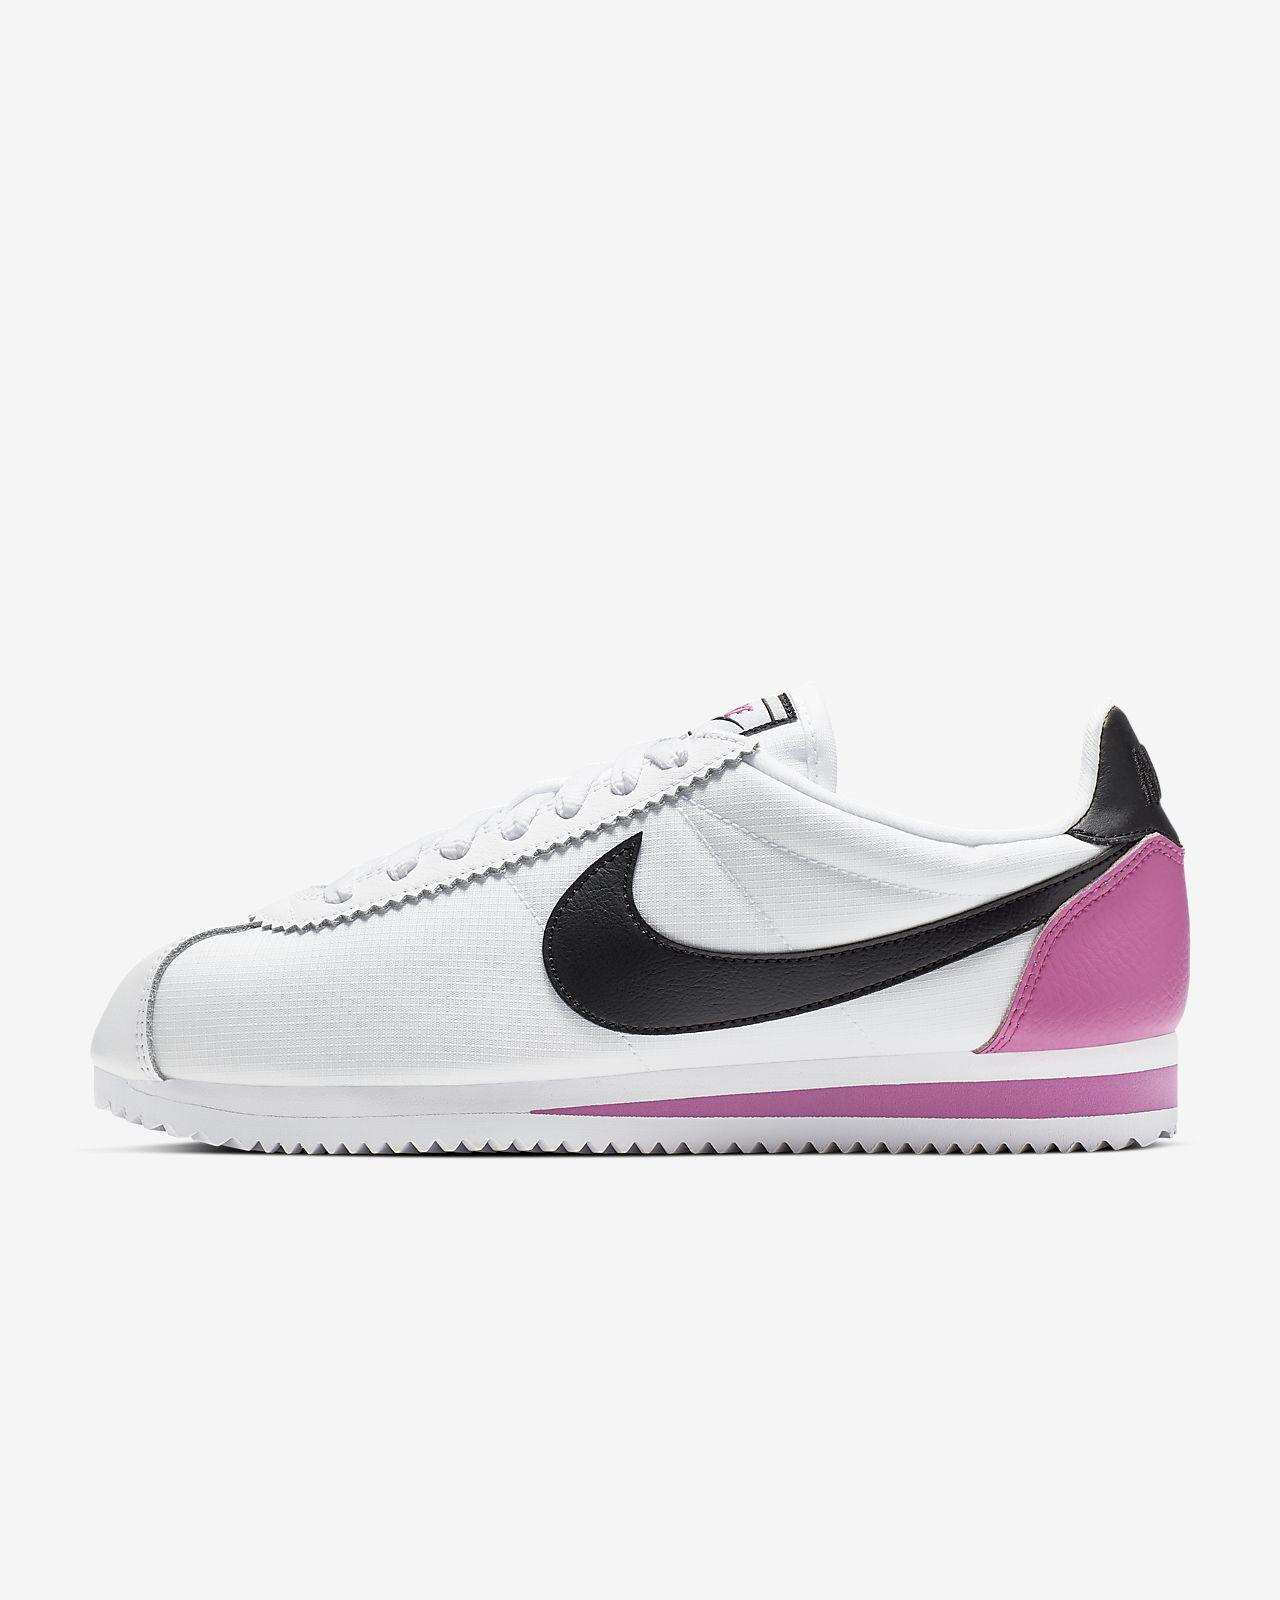 aa00bd6acf547 Nike Classic Cortez Premium Women's Shoe. Nike.com